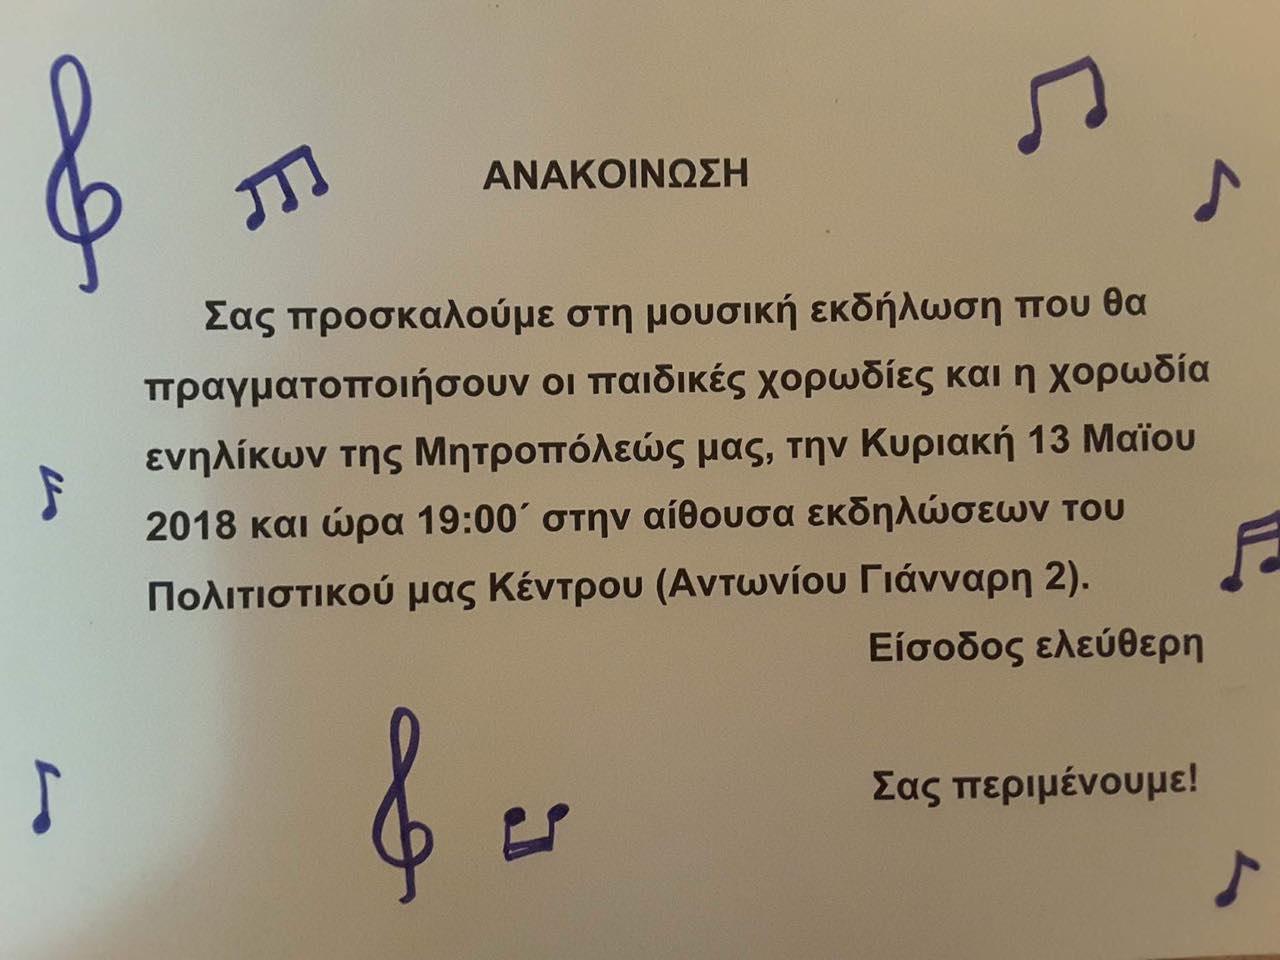 Μια μουσική βραδιά με τραγούδια του σήμερα και του χθες από τις χορωδίες της Μητροπόλεώς μας